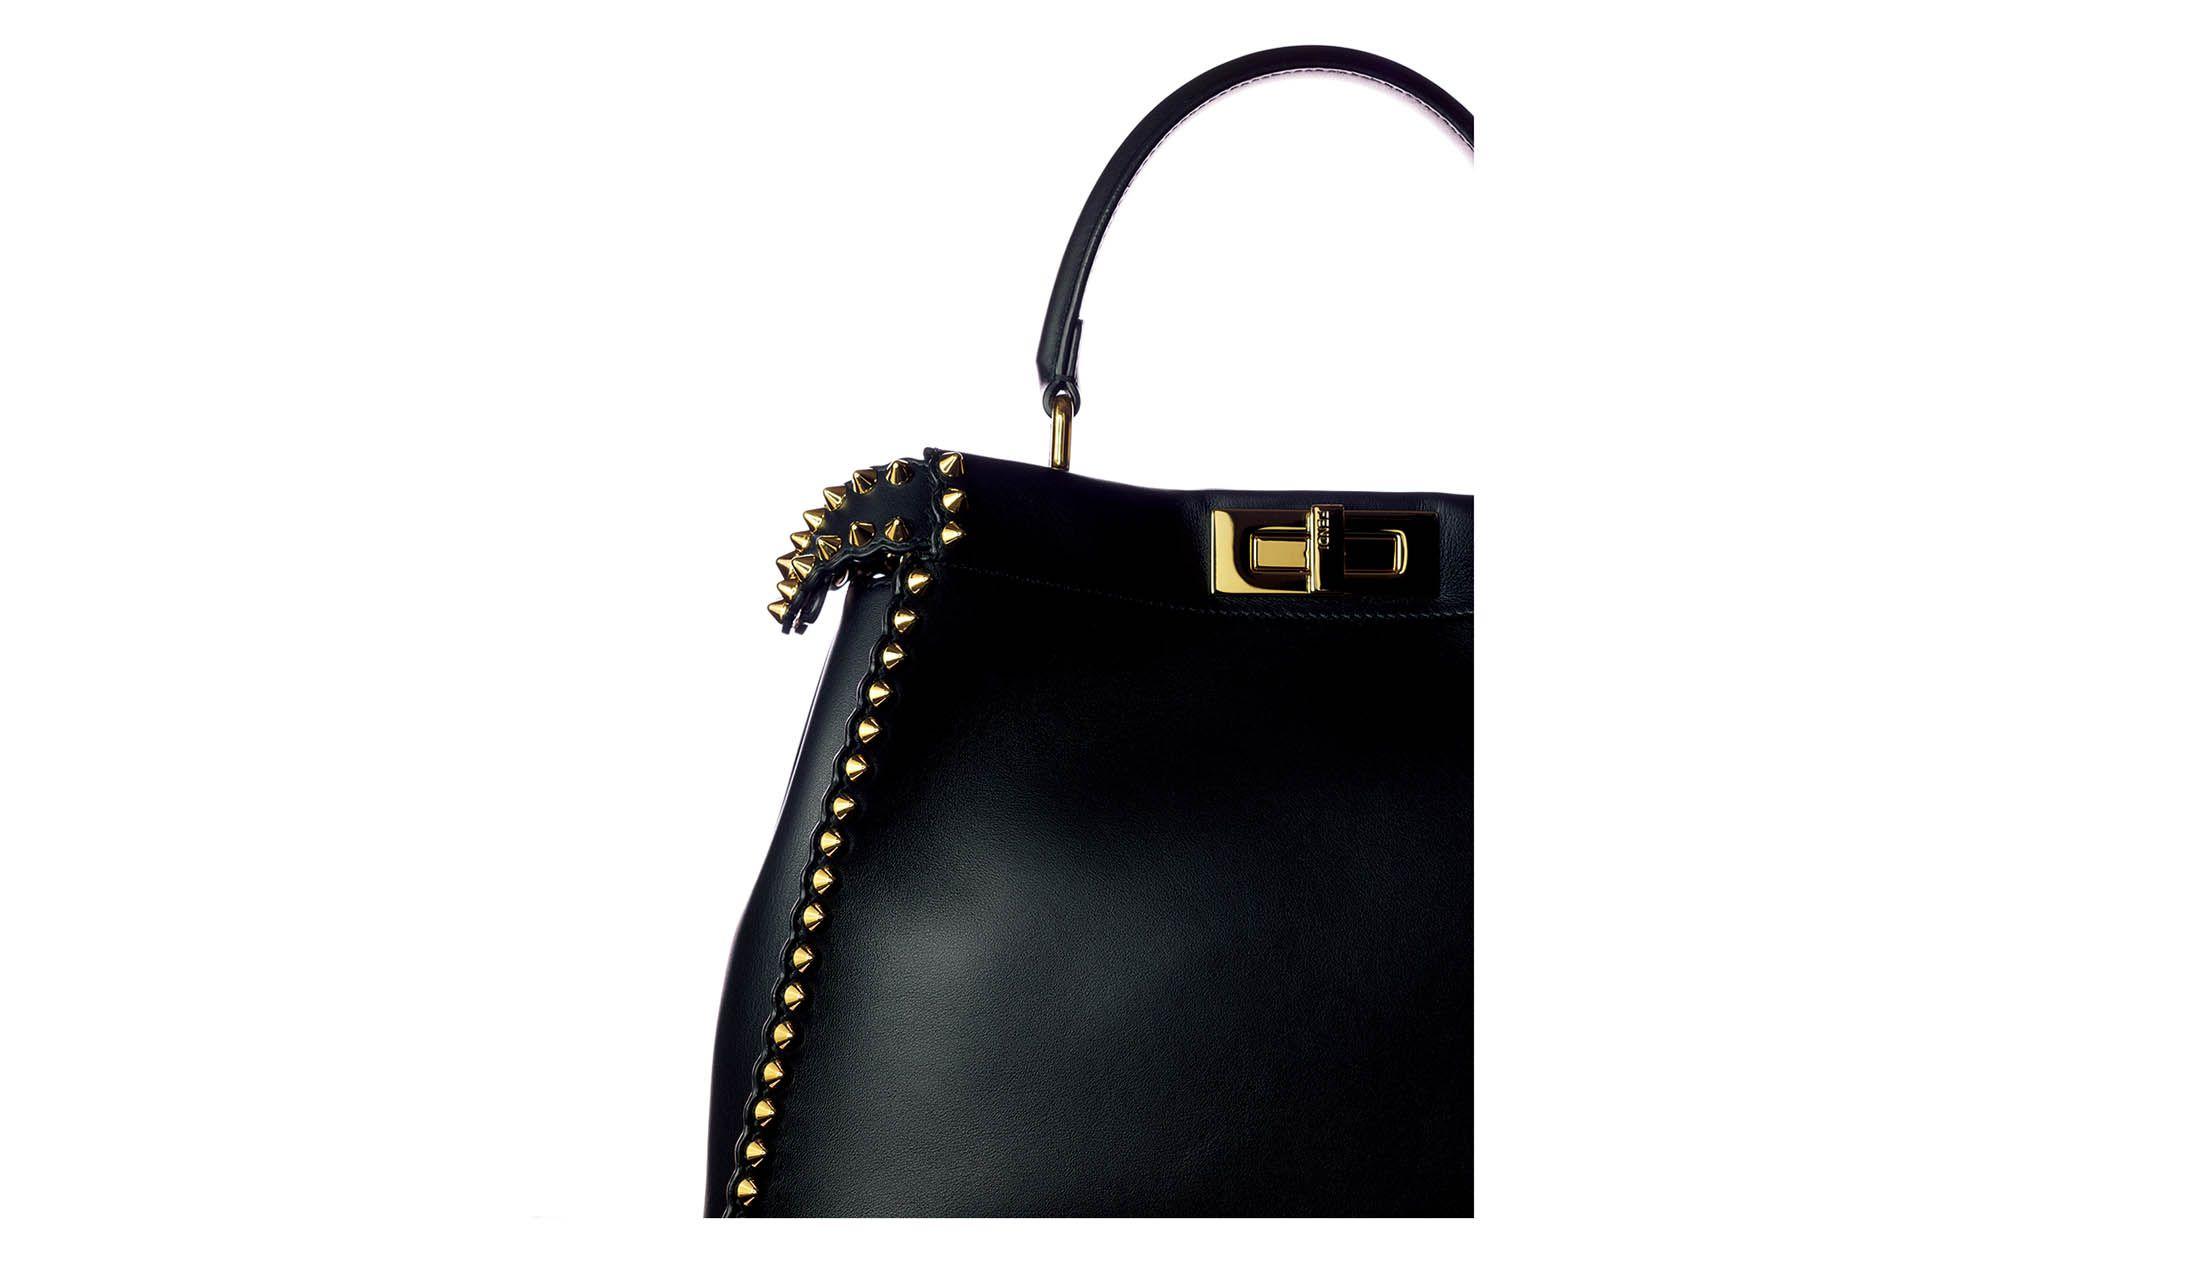 フェンディのバッグ『ピーカブー』